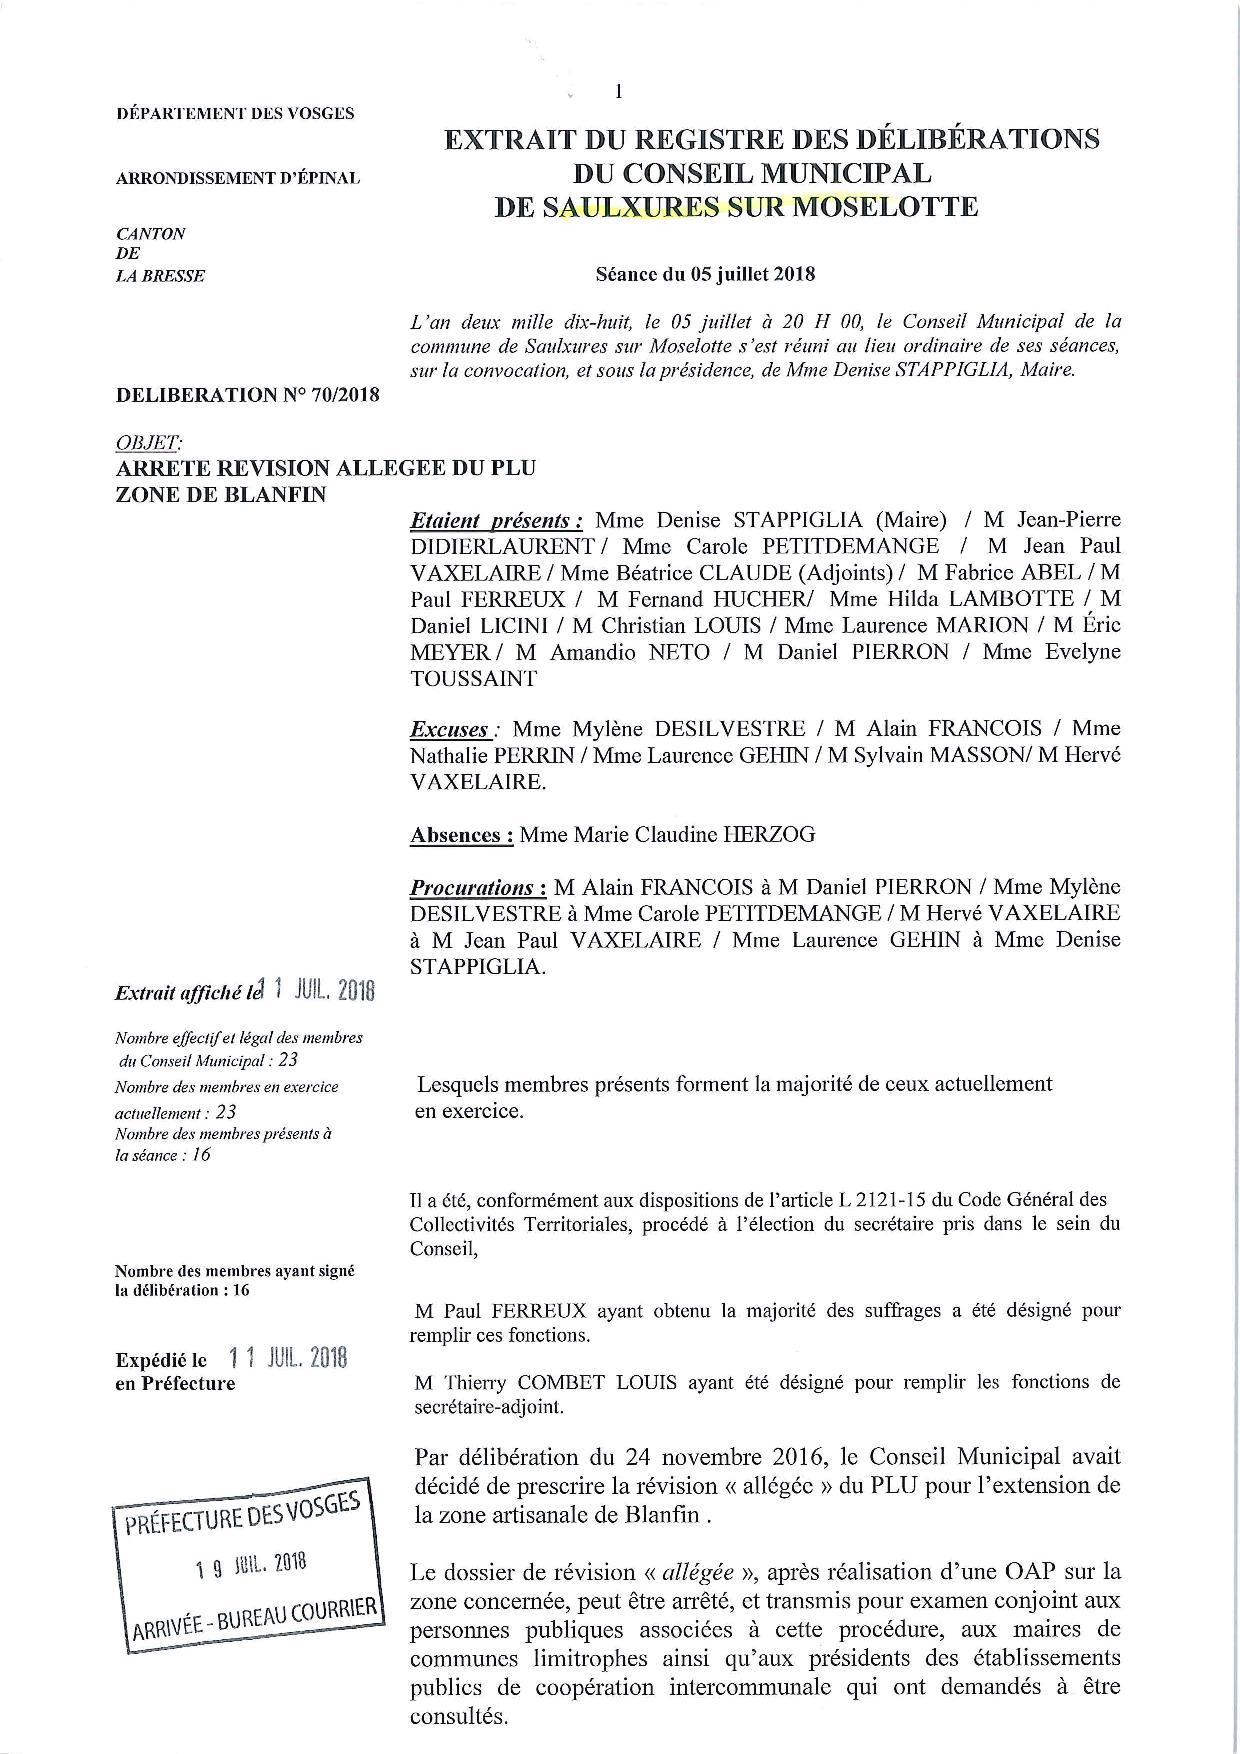 DELIBERATION DU CONSEIL MUNICIPAL 05 JUILLET 2018 ARRETE DOSSIER DE REVISION ALLEGEE DU PLU ZONE DE BLANFIN